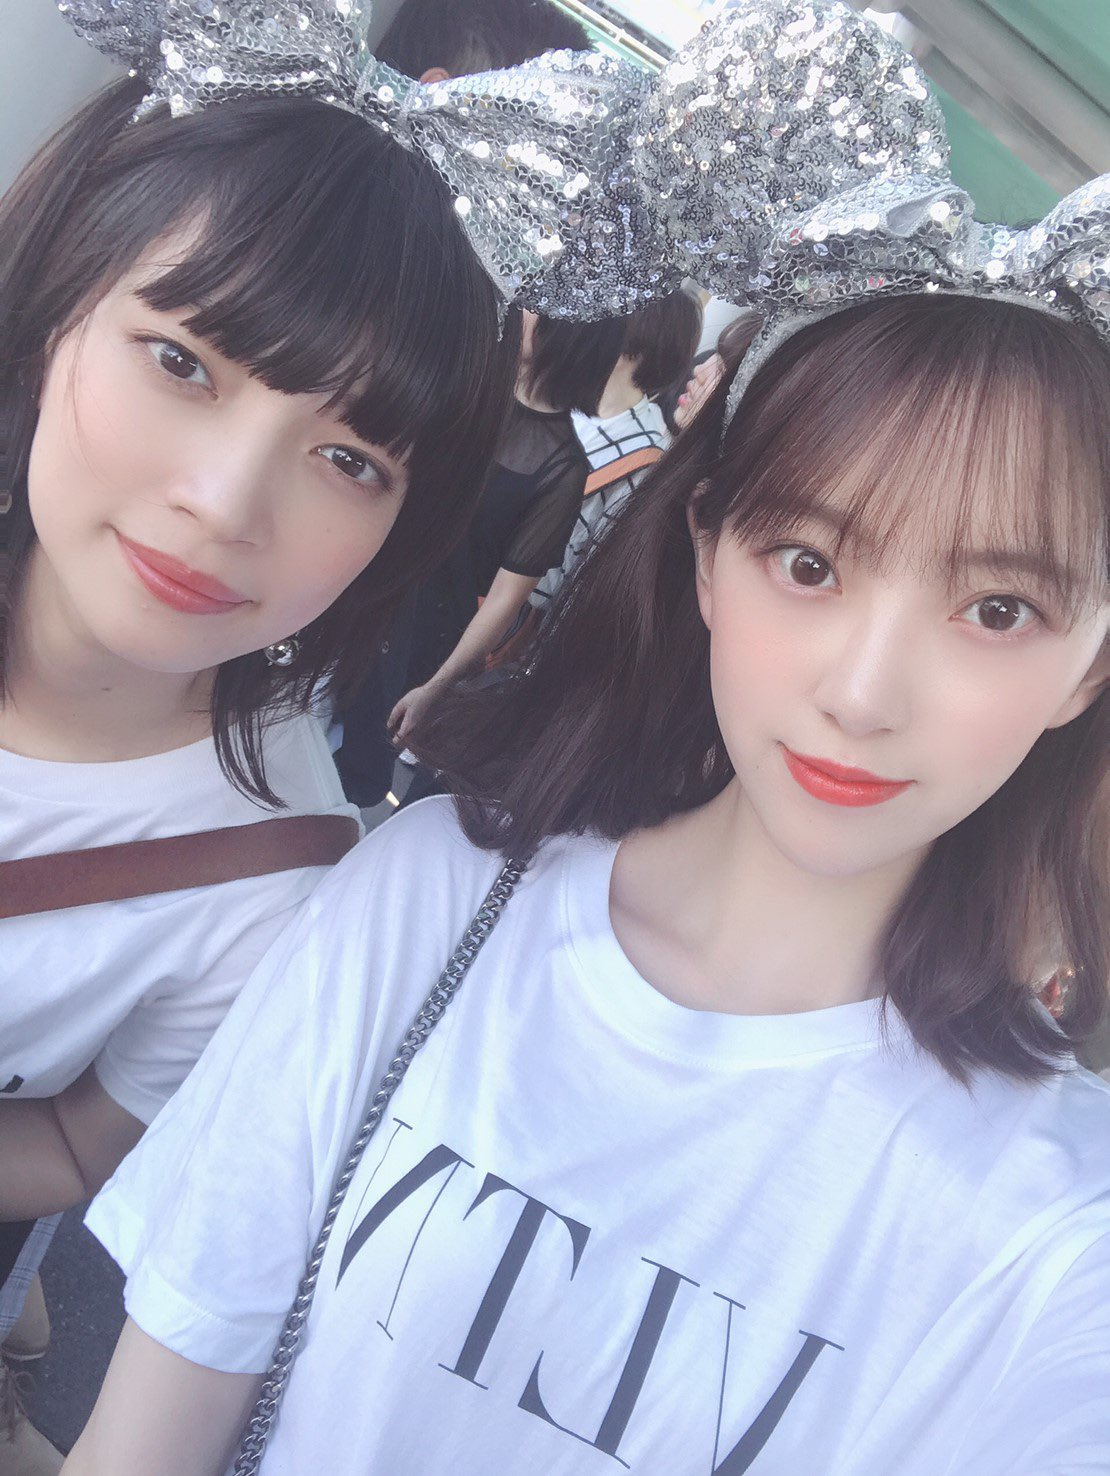 ディズニーシー3 田中真琴 堀未央奈